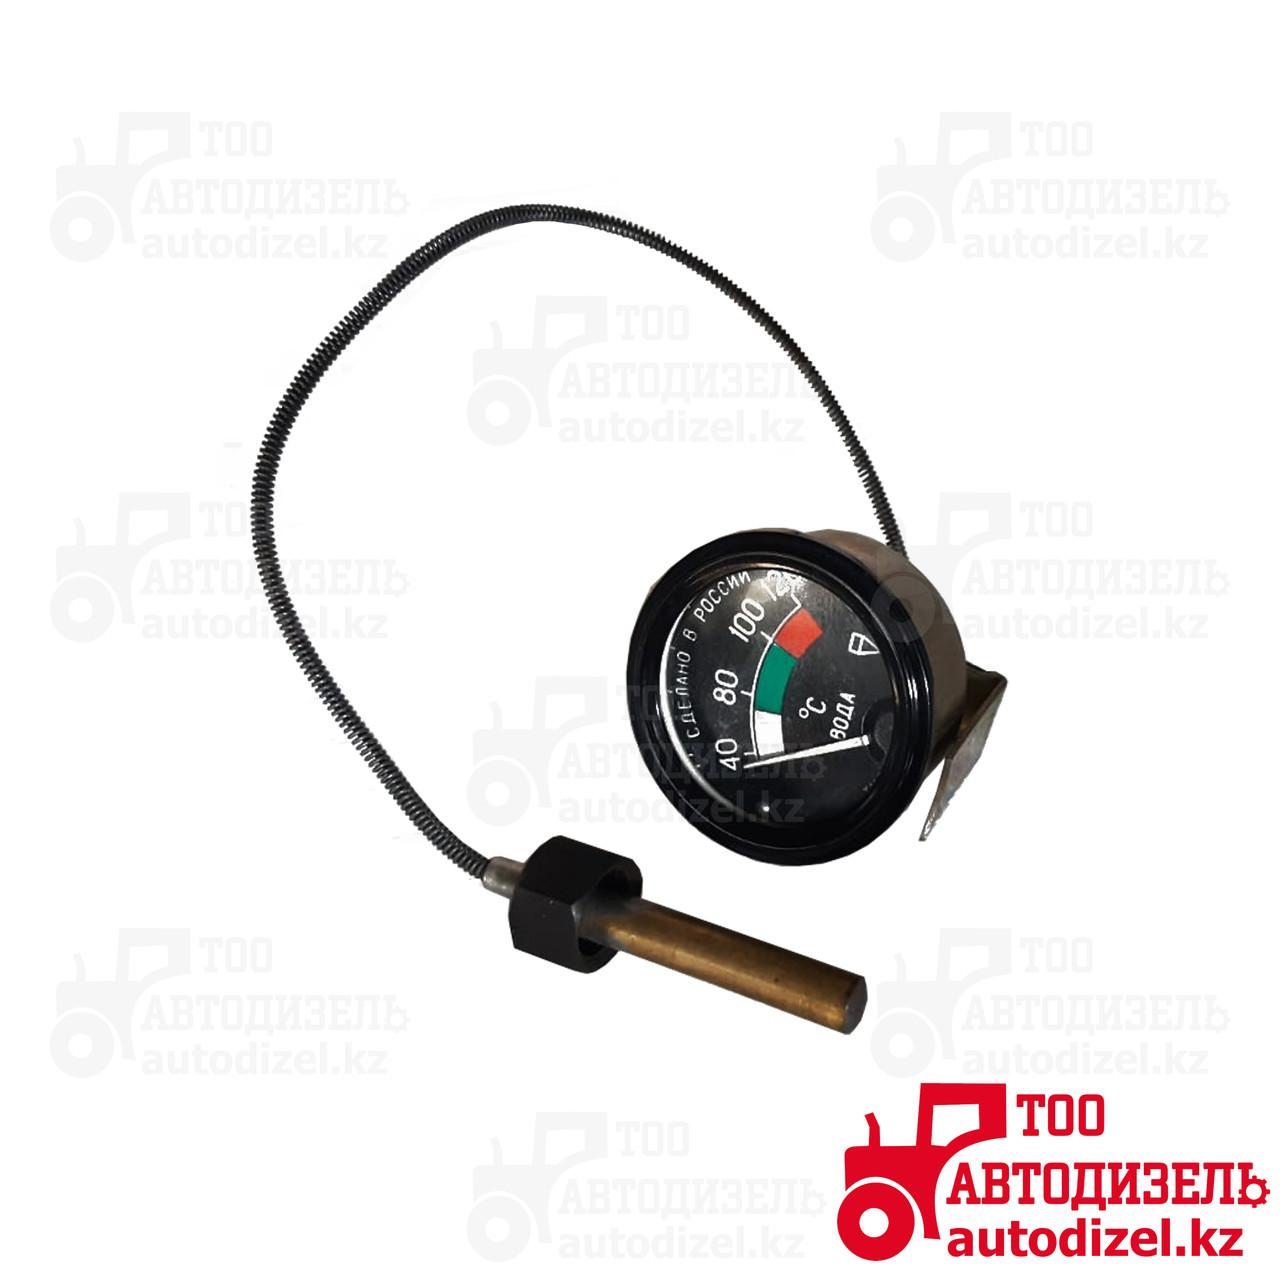 Указатель температуры воды + датчик УТ-200Р (дл 0,4м)